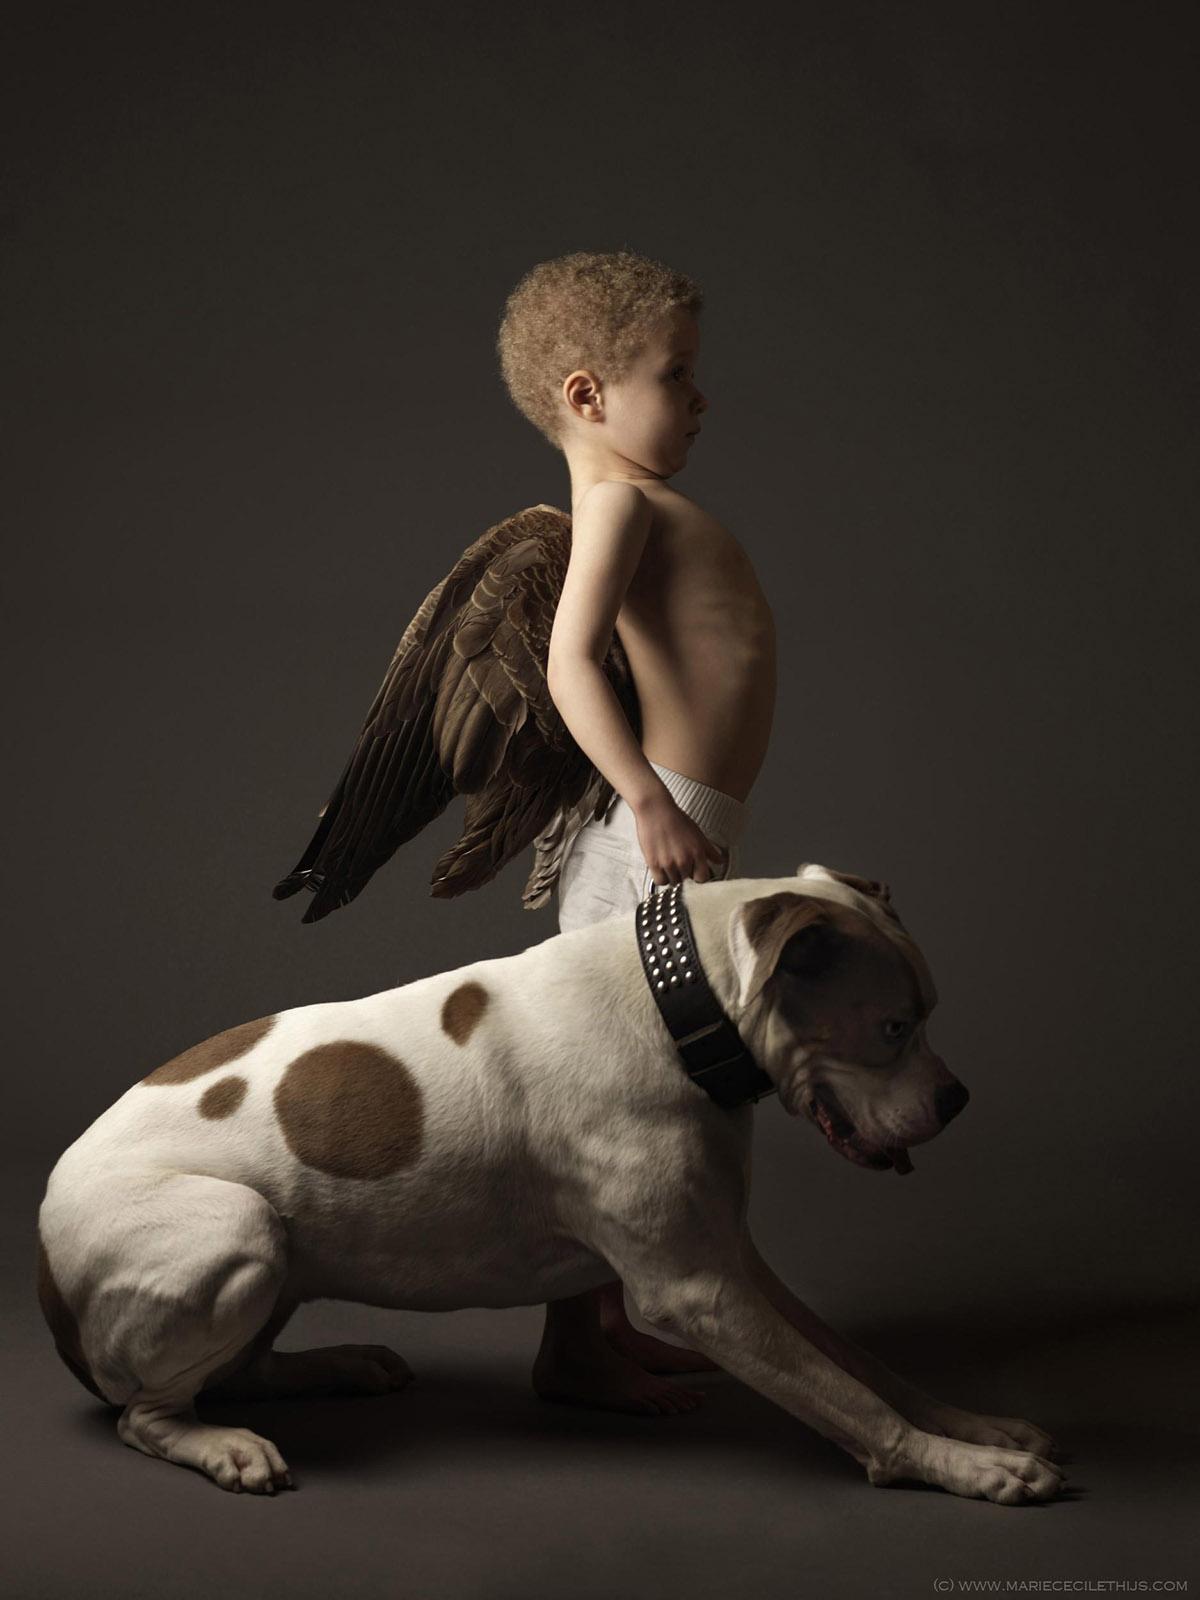 foto van Marie Cécile Thijs van jongen met vleugels op zijn rug en een hond naast zich